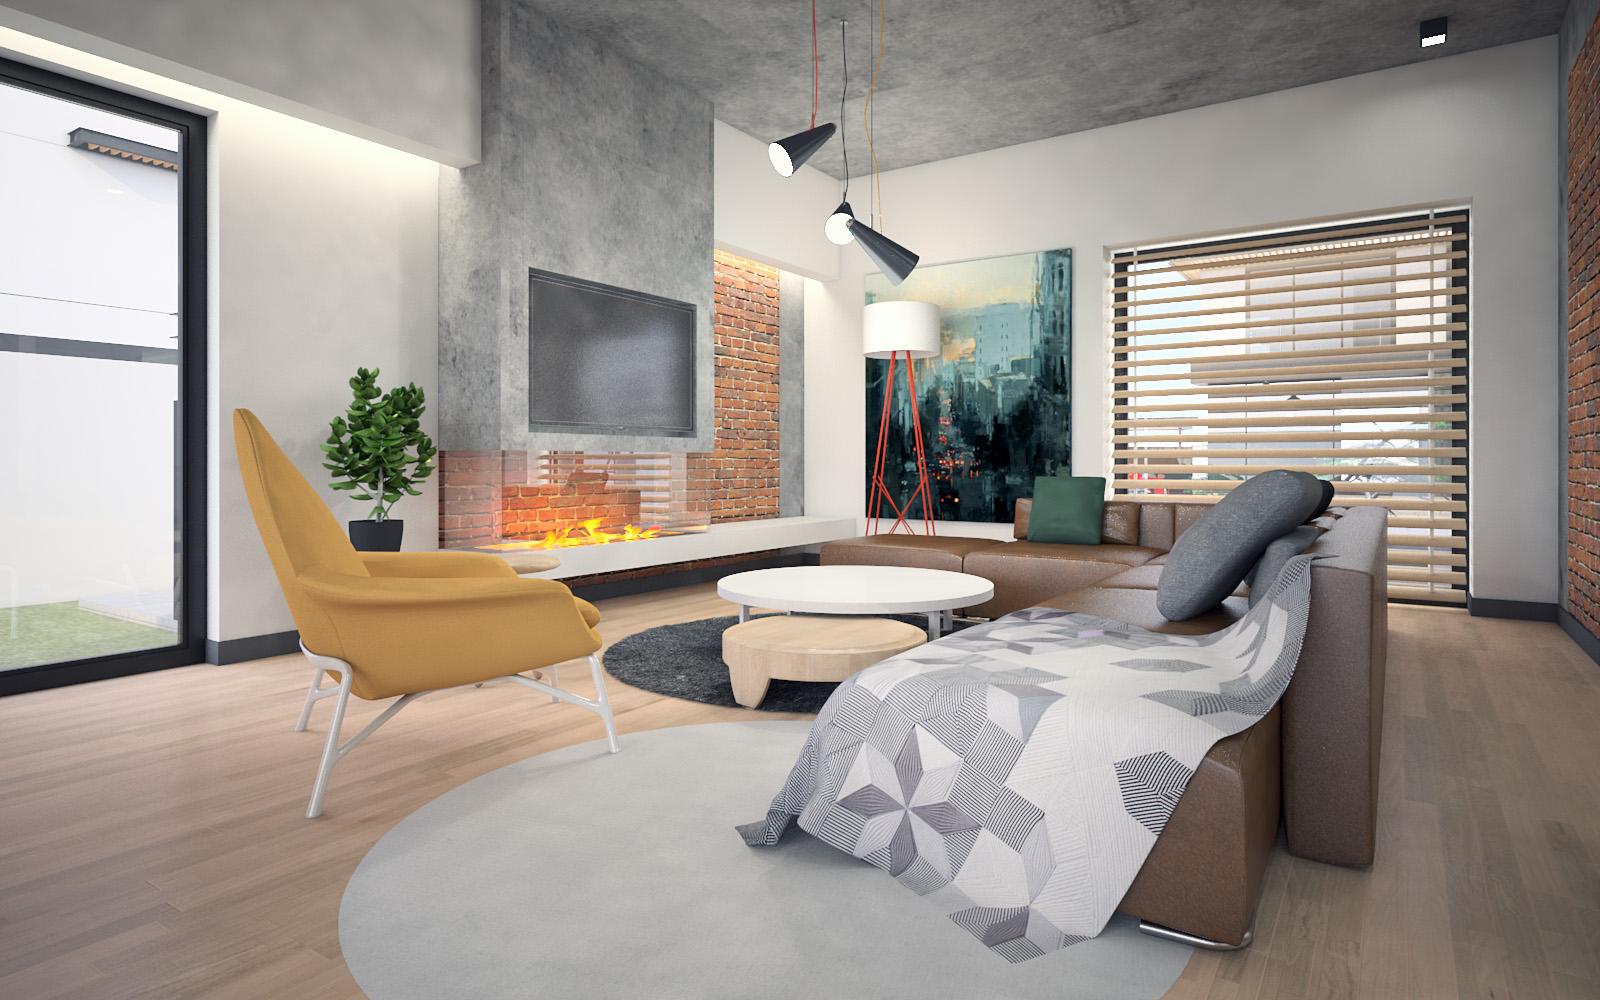 https://nbc-arhitect.ro/wp-content/uploads/2020/10/NBC-Arhitect-_-Arcstil-Residences-_-Romania-_-interior-design-view_6.jpg